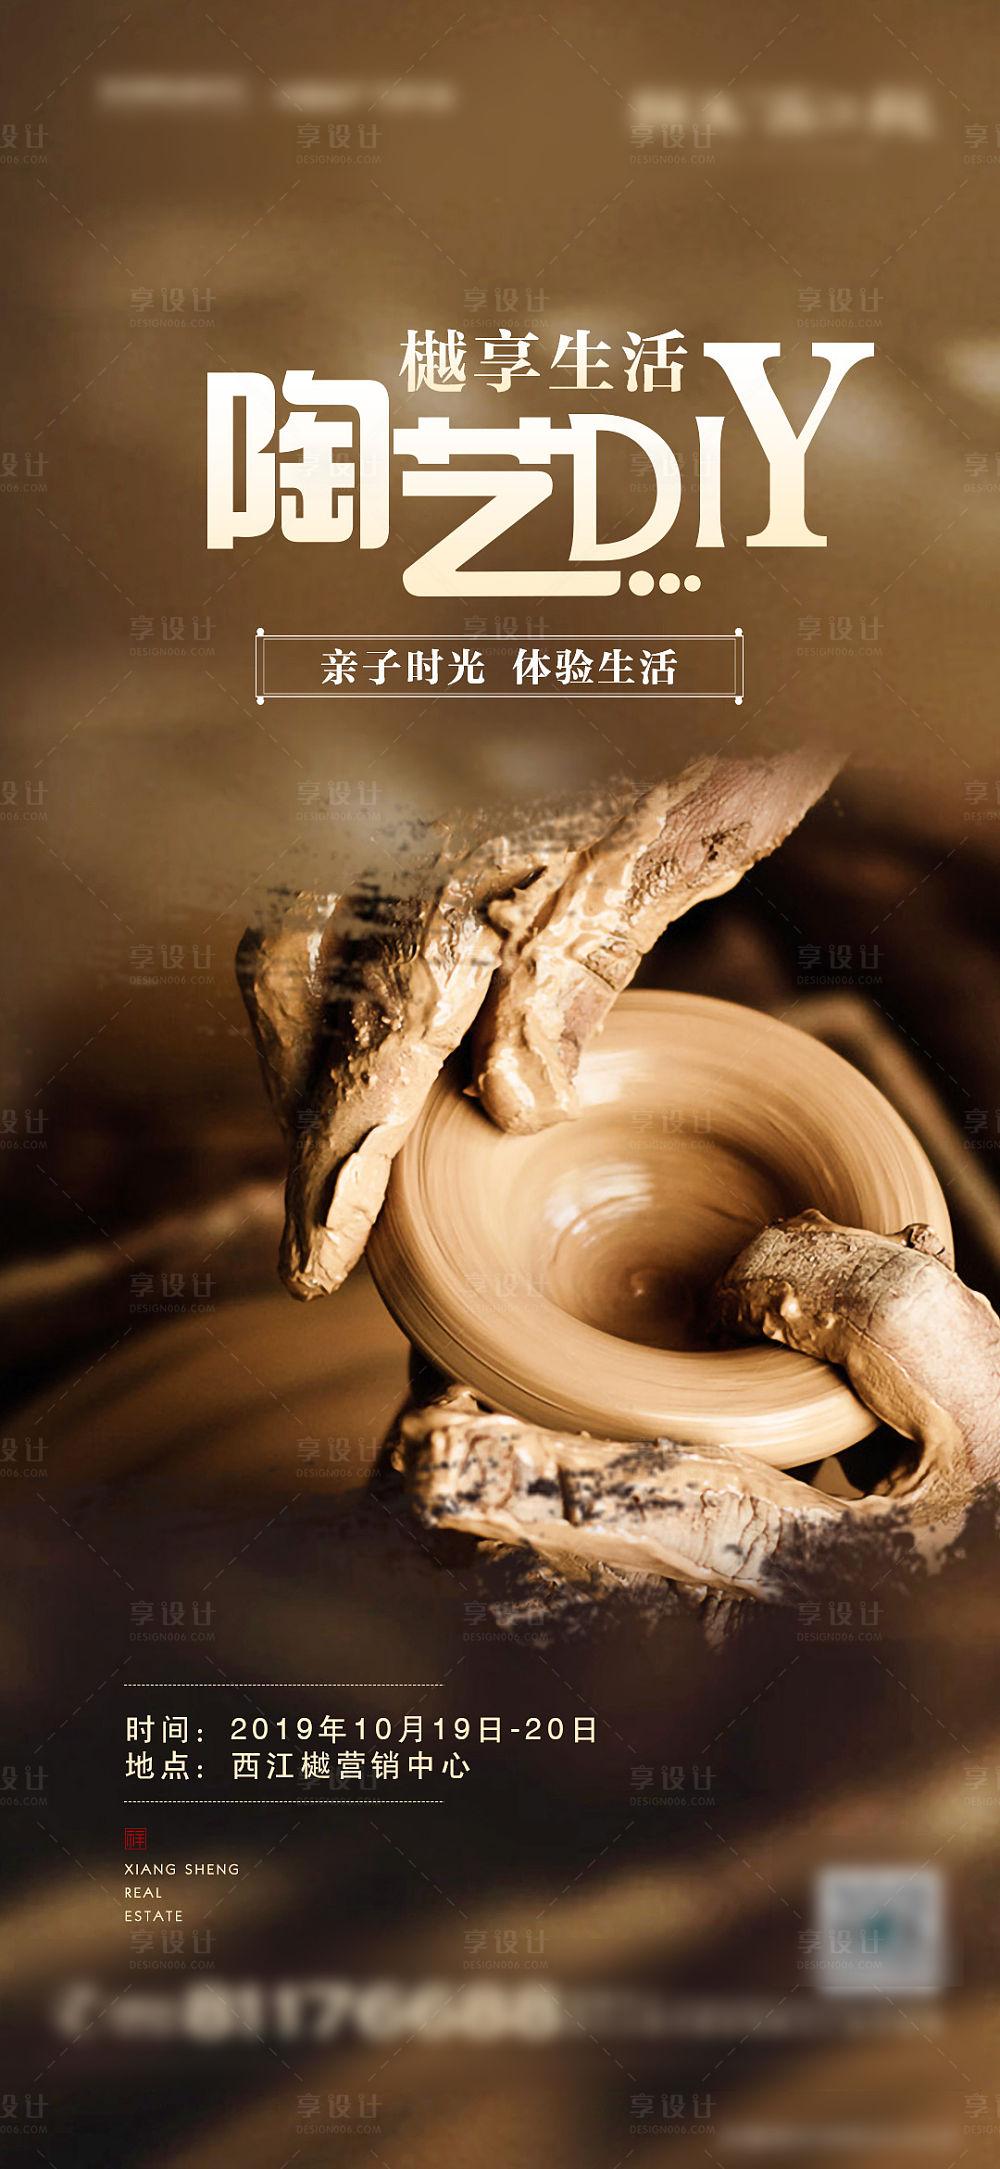 【源文件下载】 海报 房地产 陶艺 DIY设计作品 设计图集